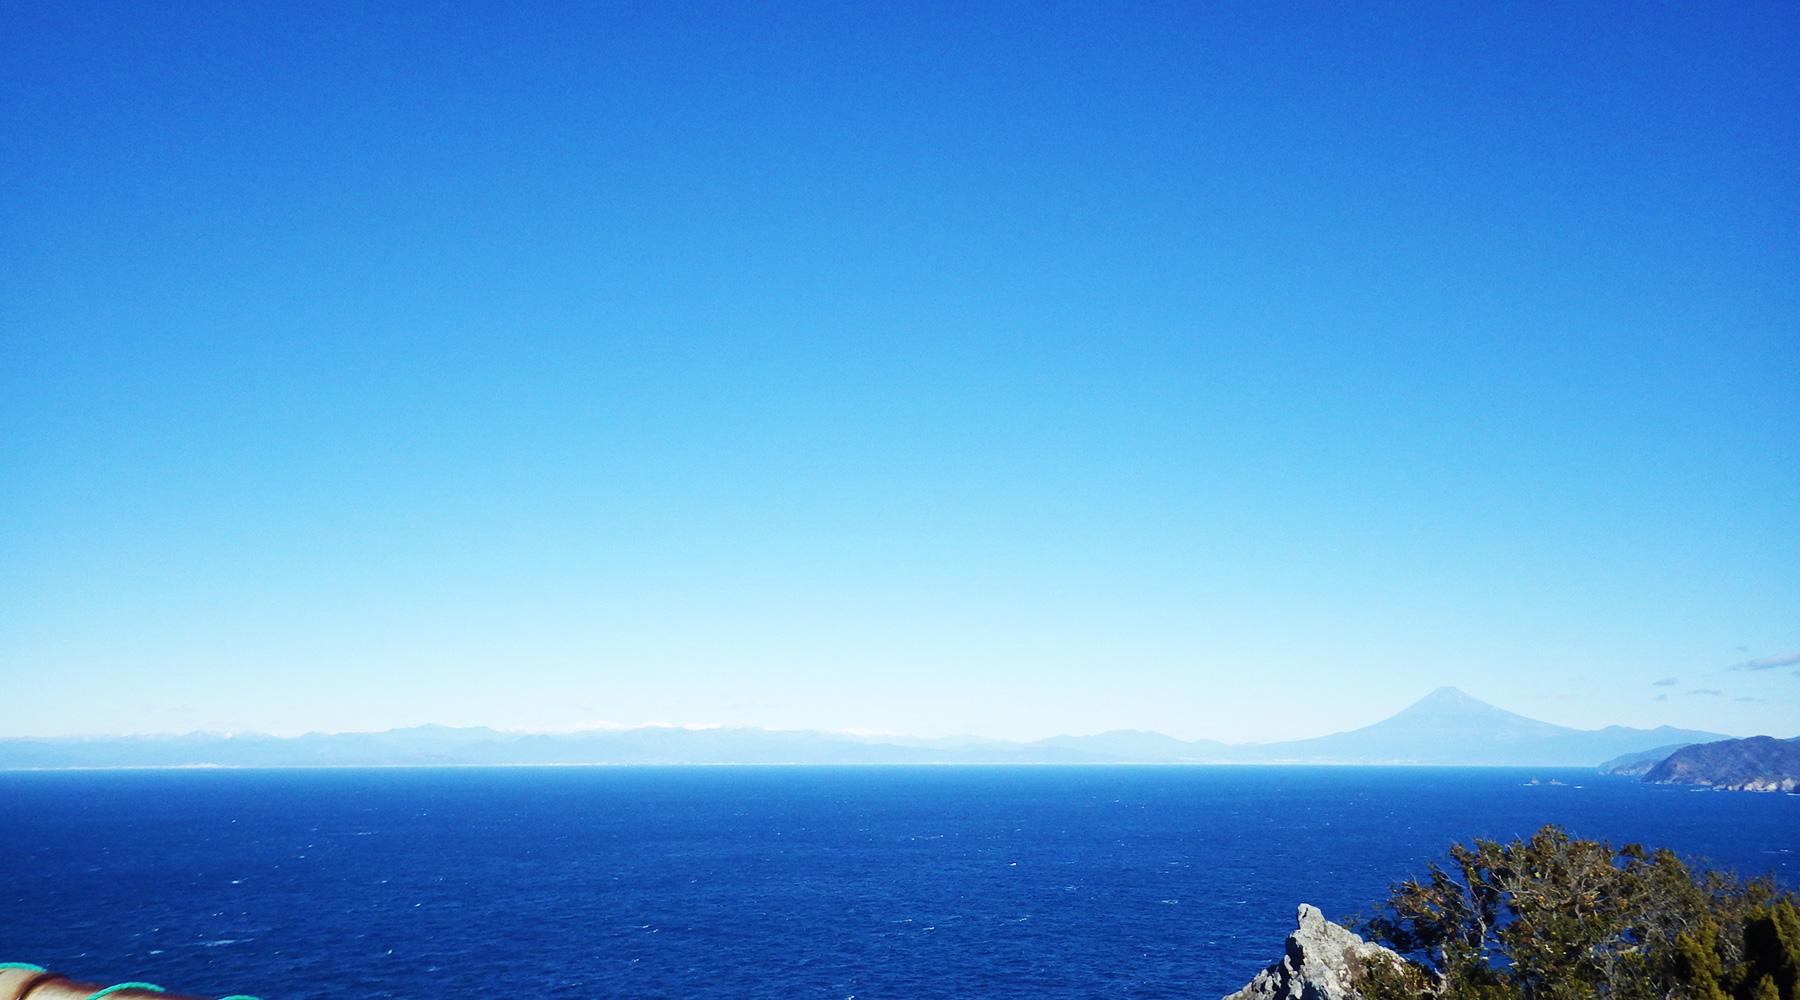 烏帽子山山頂(雲見浅間神社本殿)から見た駿河湾と富士山